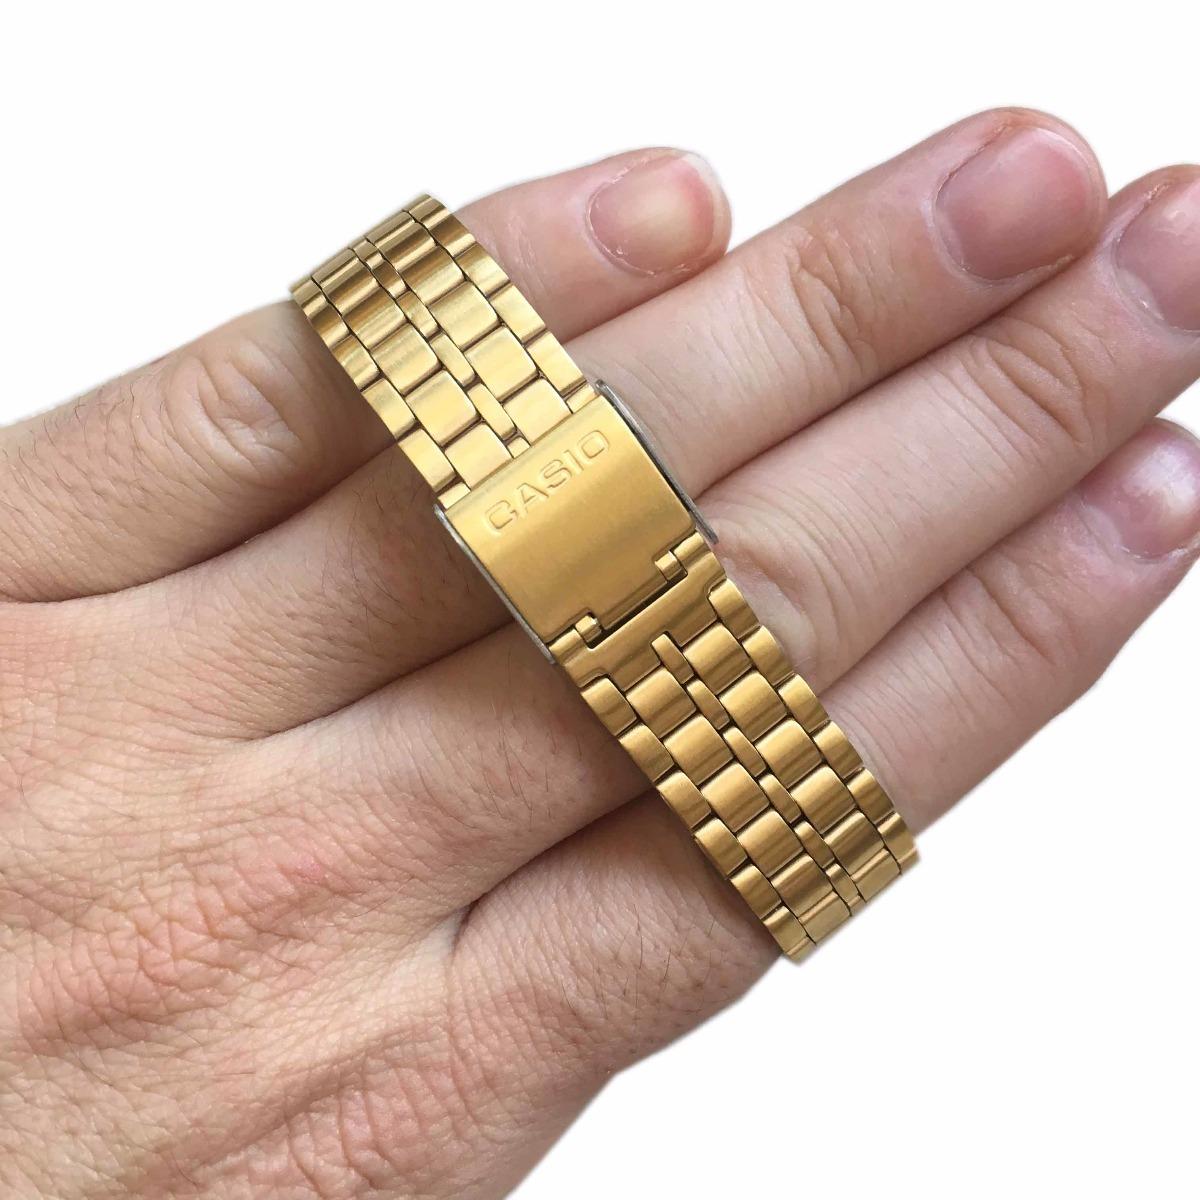 b53e98d490d relogio casio a500 dourado unissex c  caixa original. Carregando zoom.